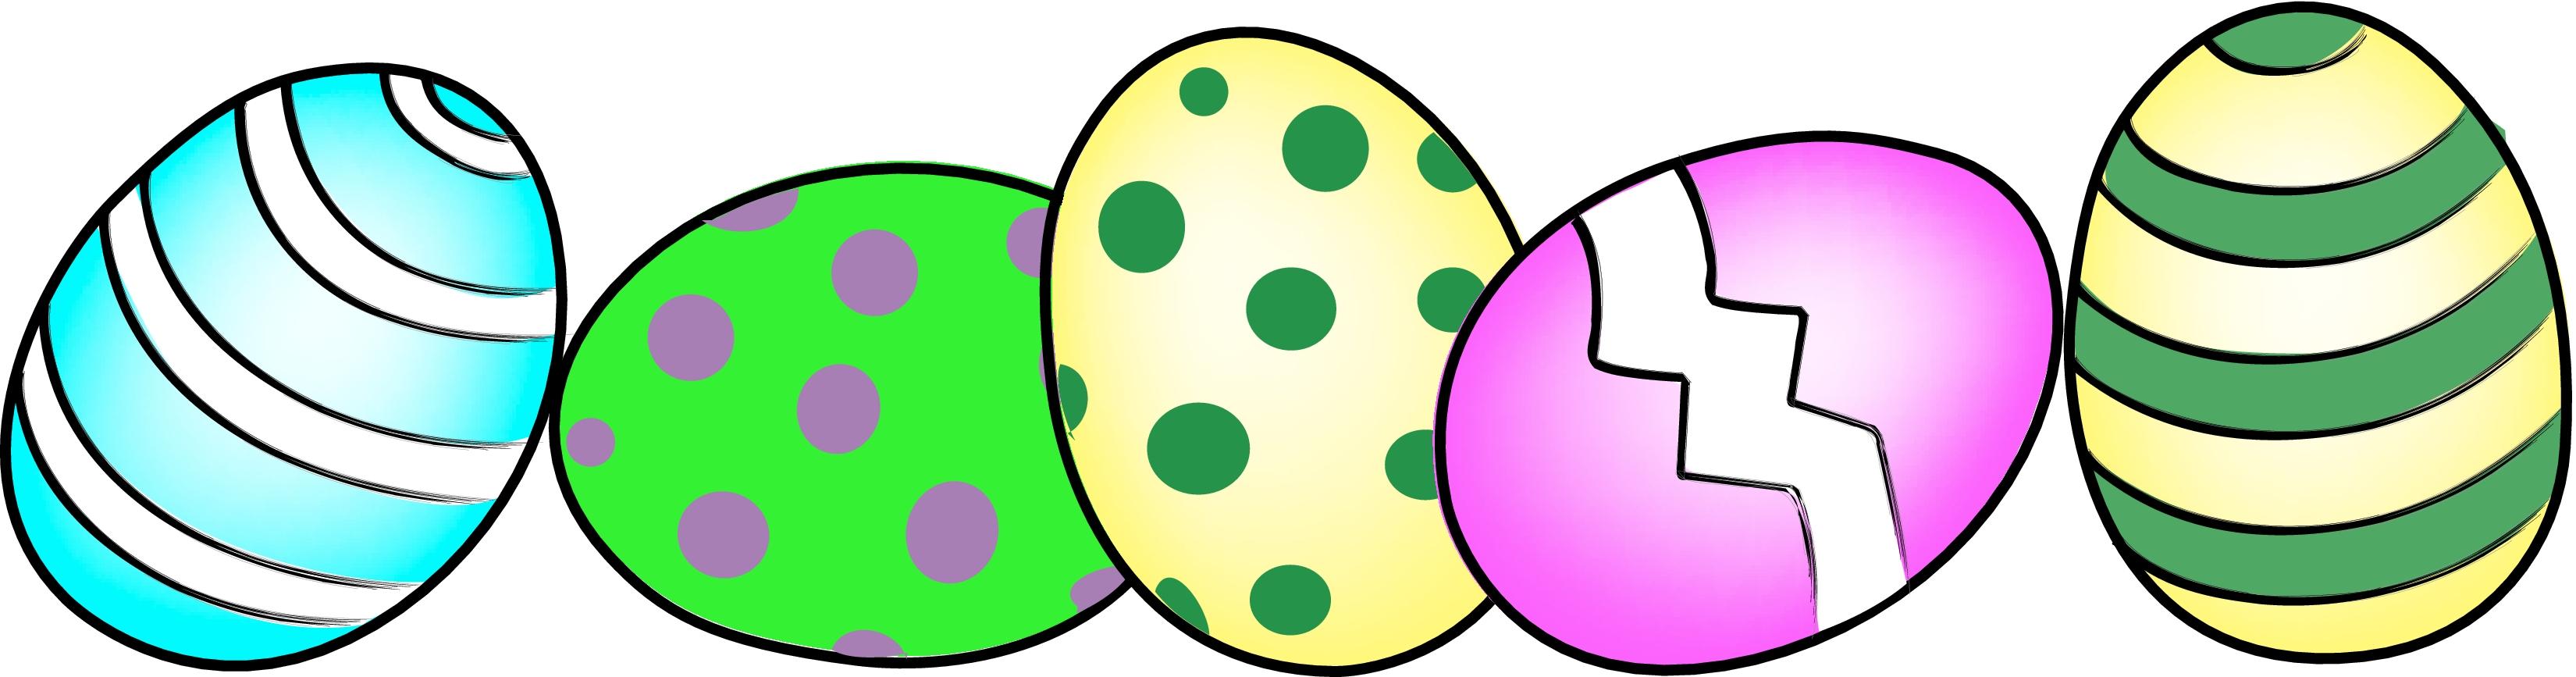 easter egg clipart-easter egg clipart-2